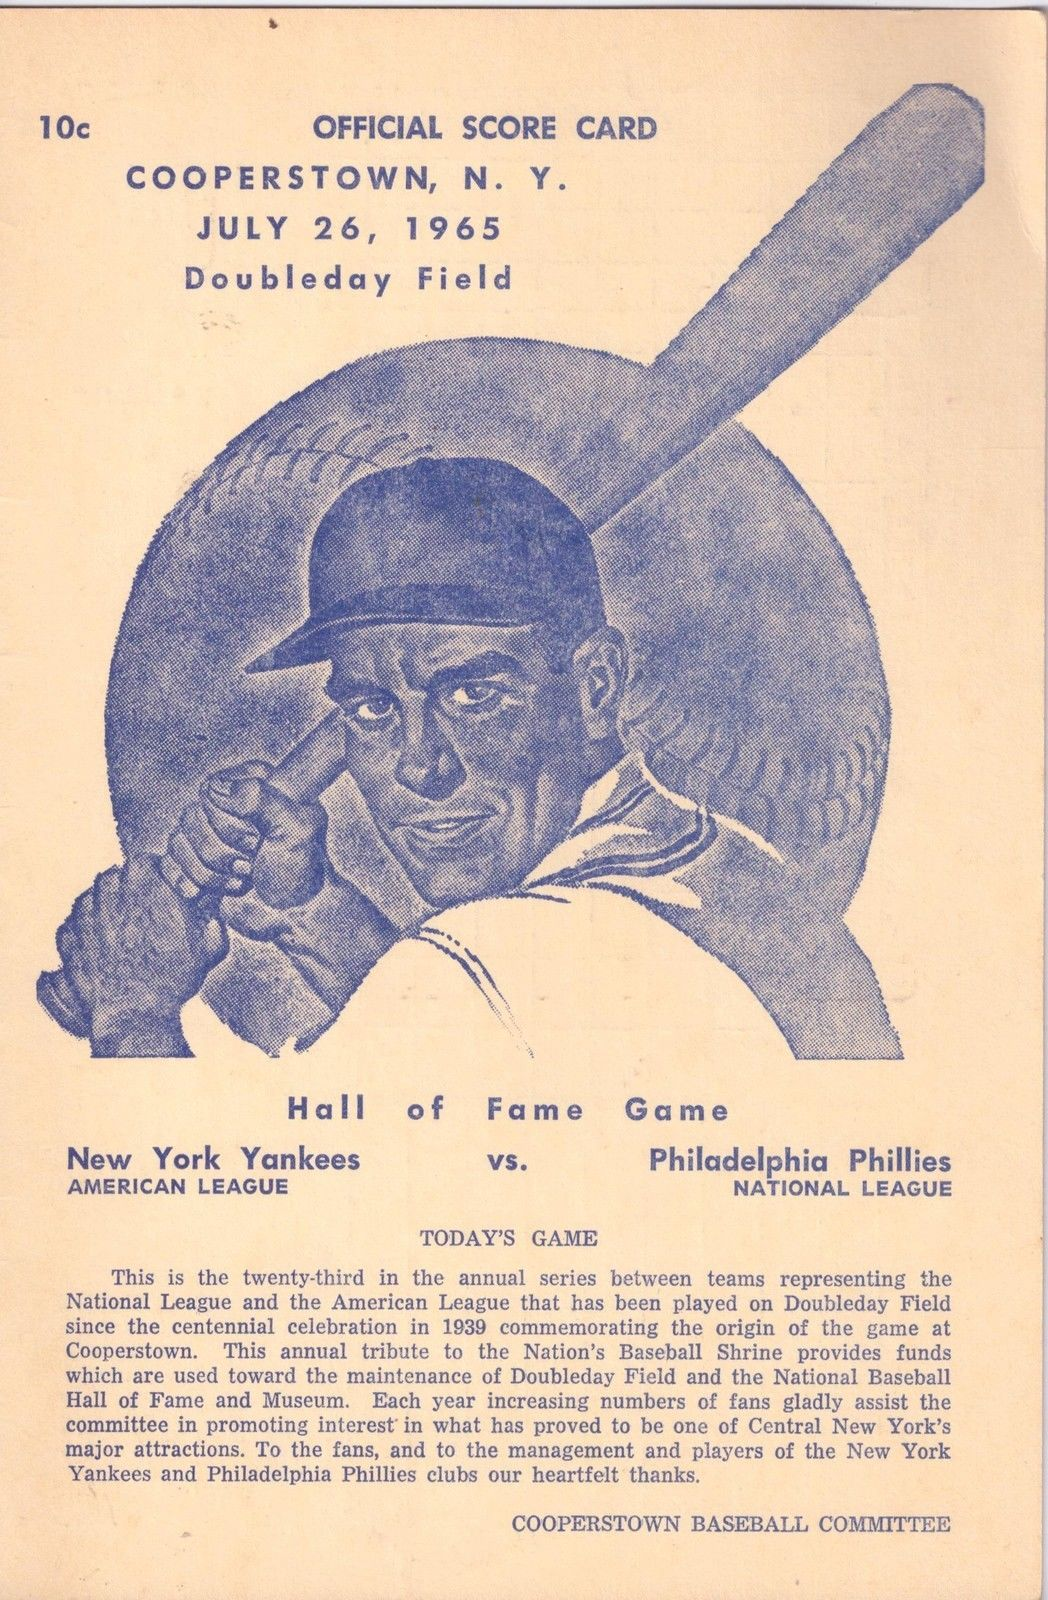 1965 Hall of Fame Game Program